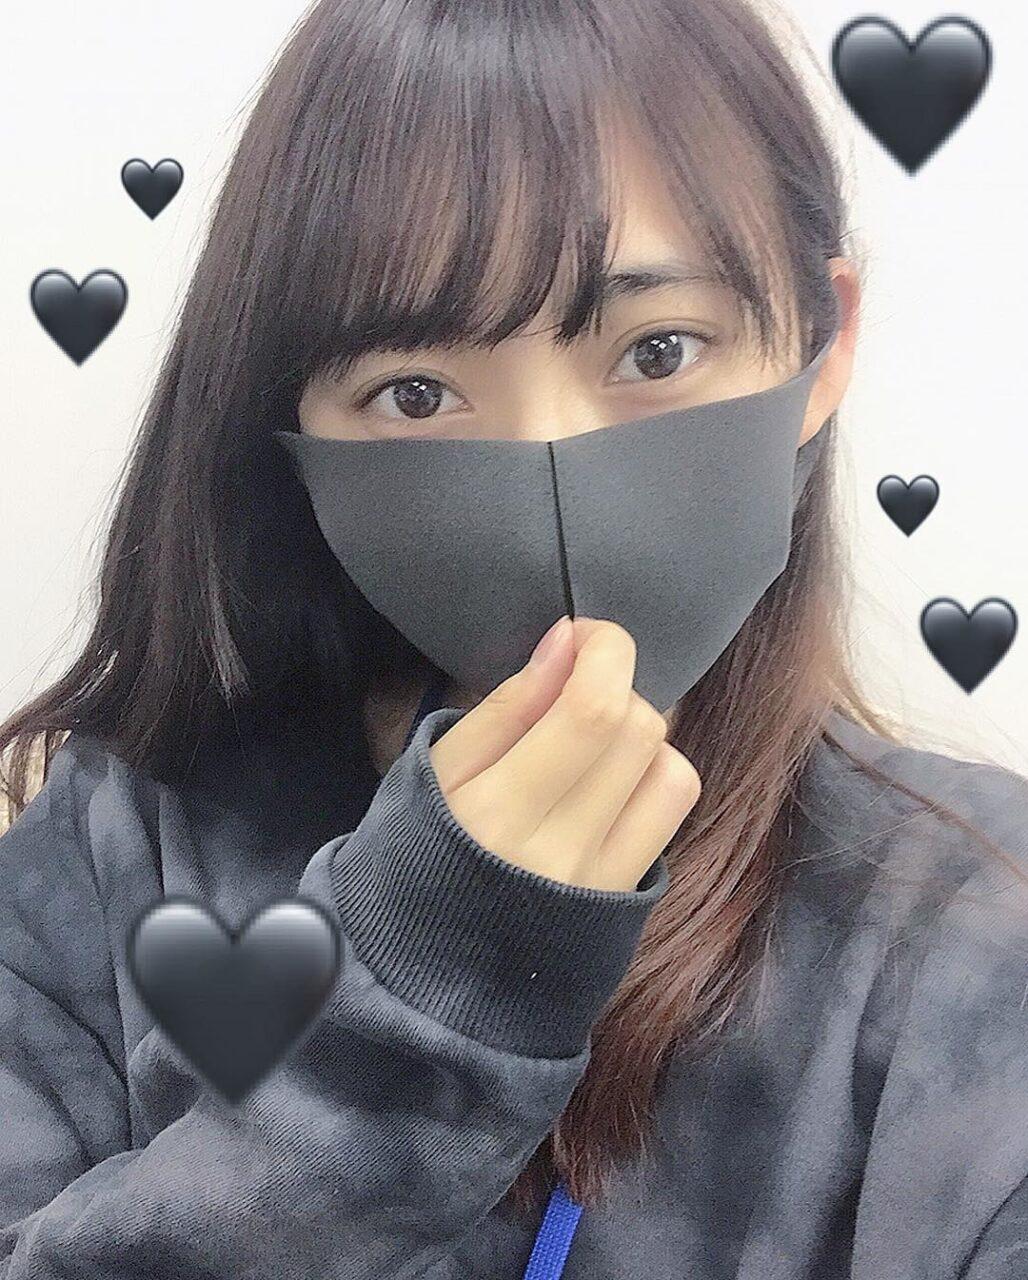 最近よく見る「黒マスク」。お洒落なの?韓国っぽい?気になるあいつを徹底調査♡